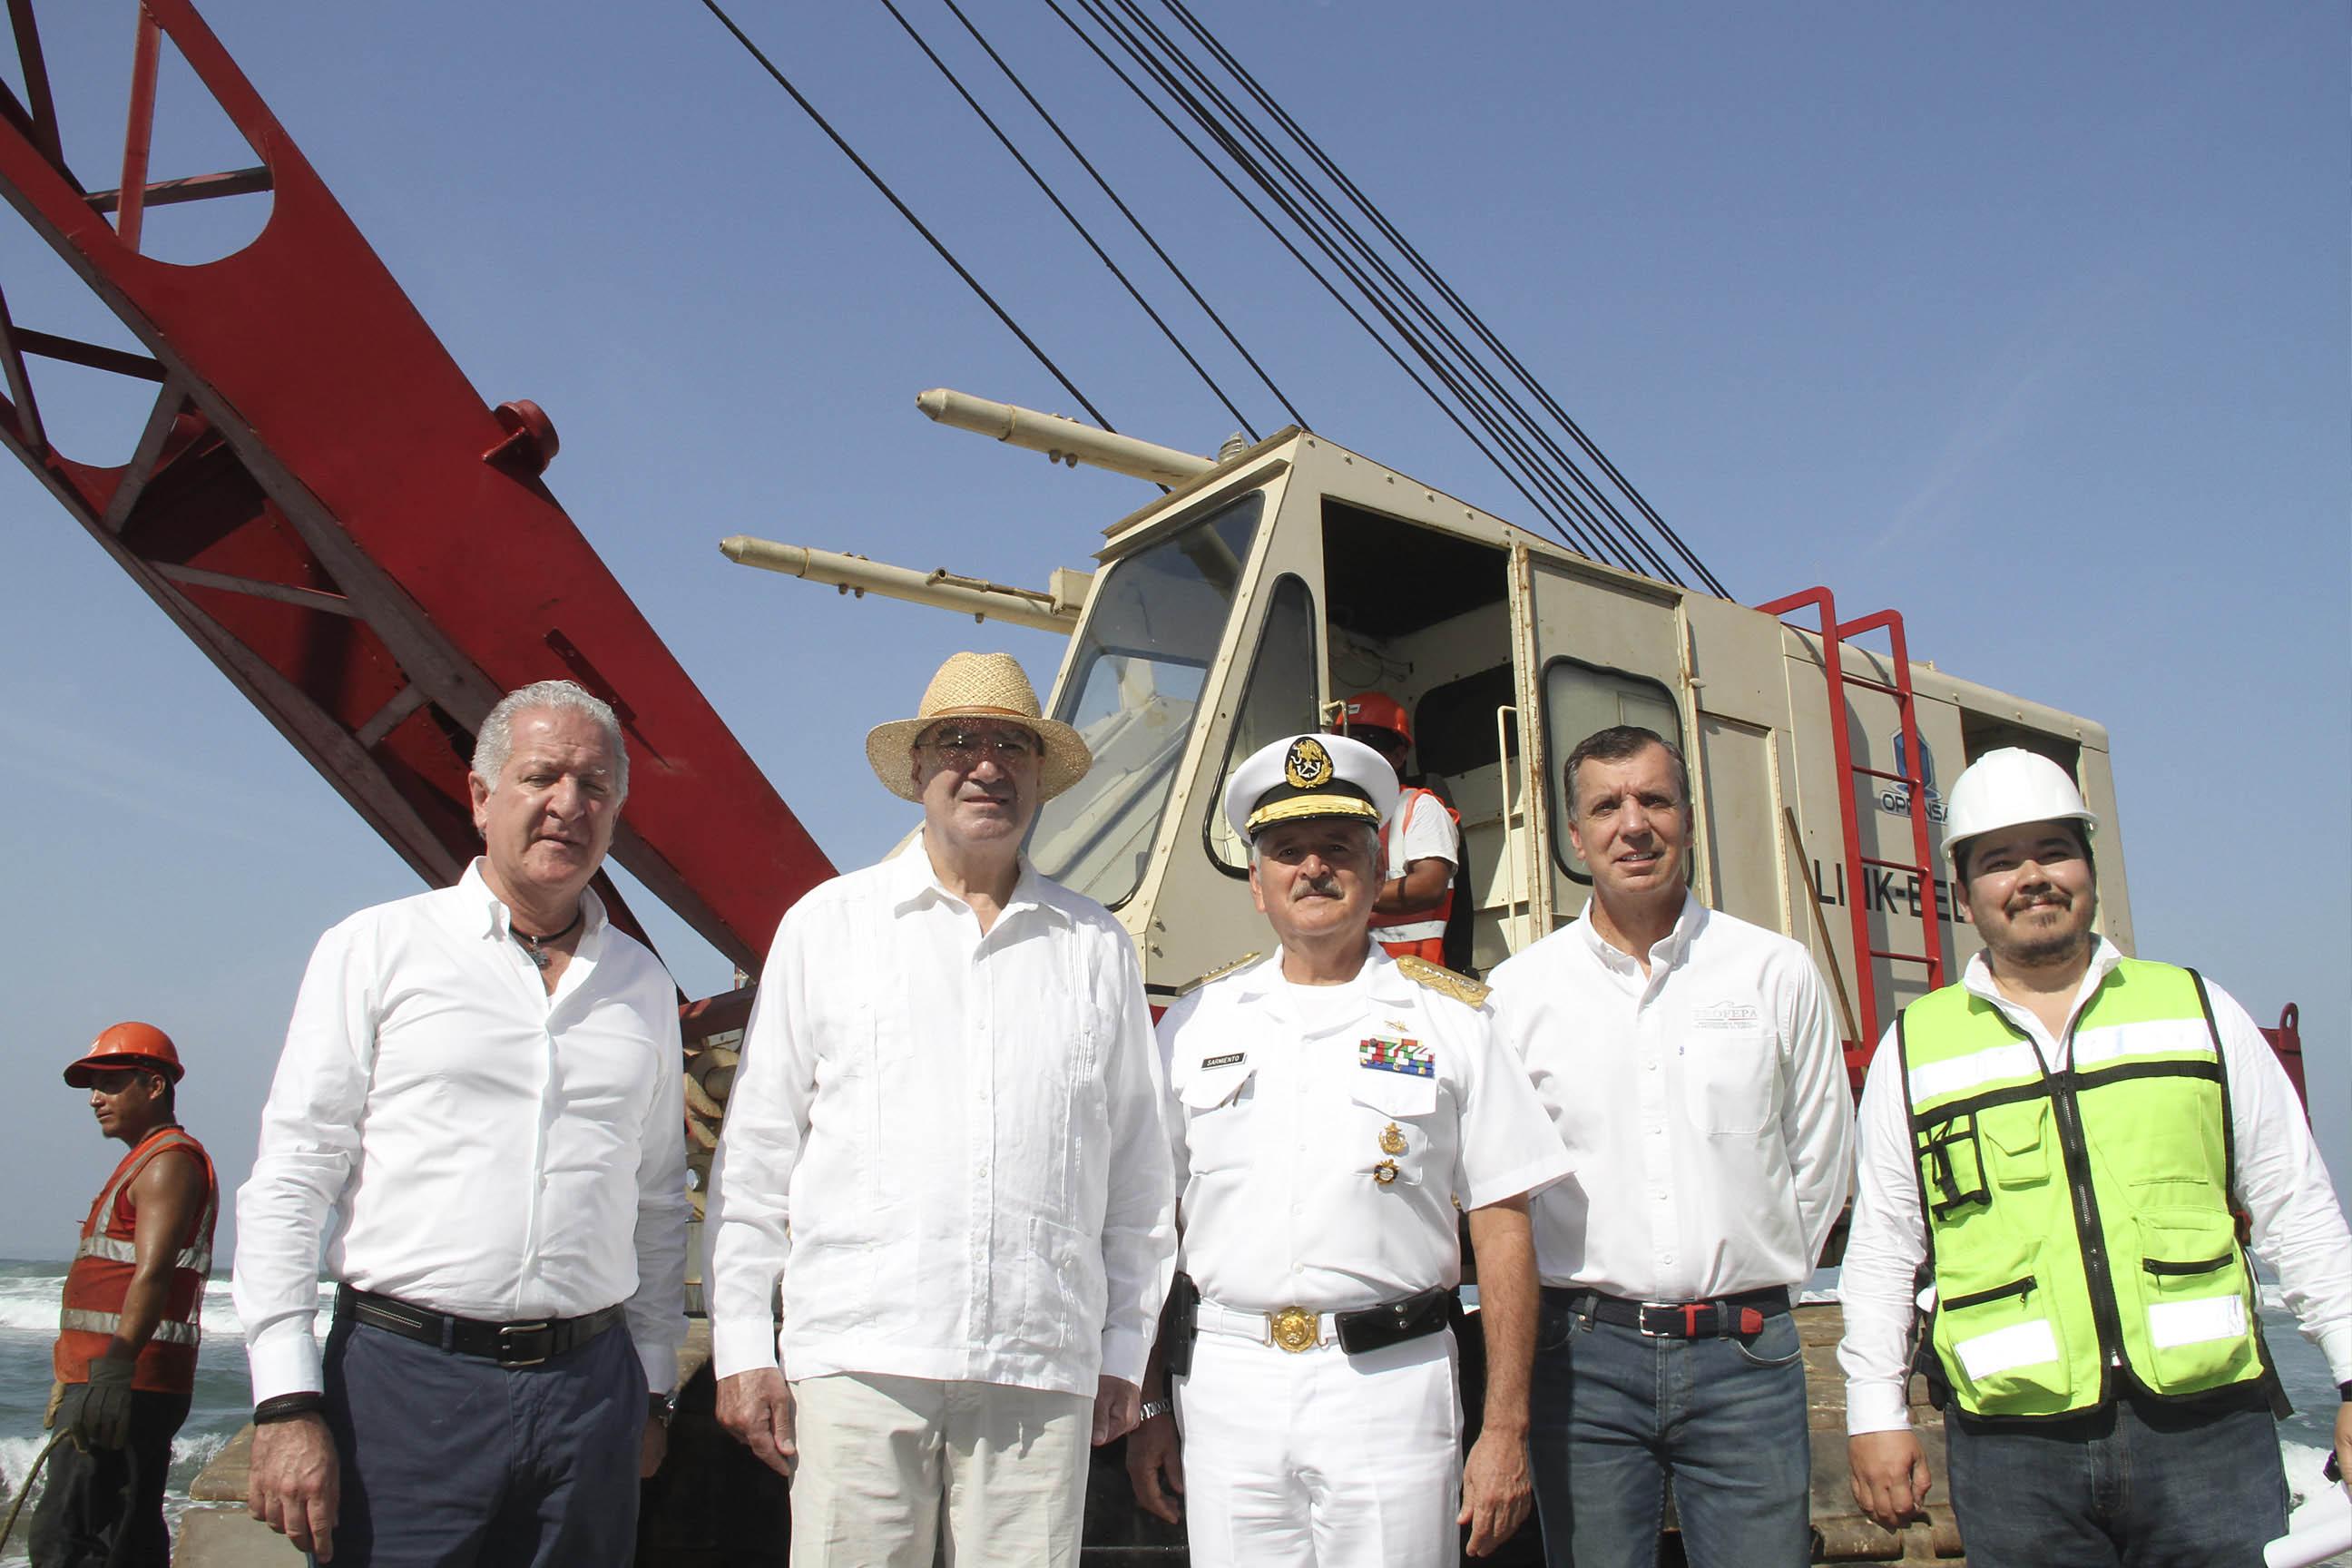 Guerra Abud y Guillermo Haro en desmantelación de Muelle Revolcadero.